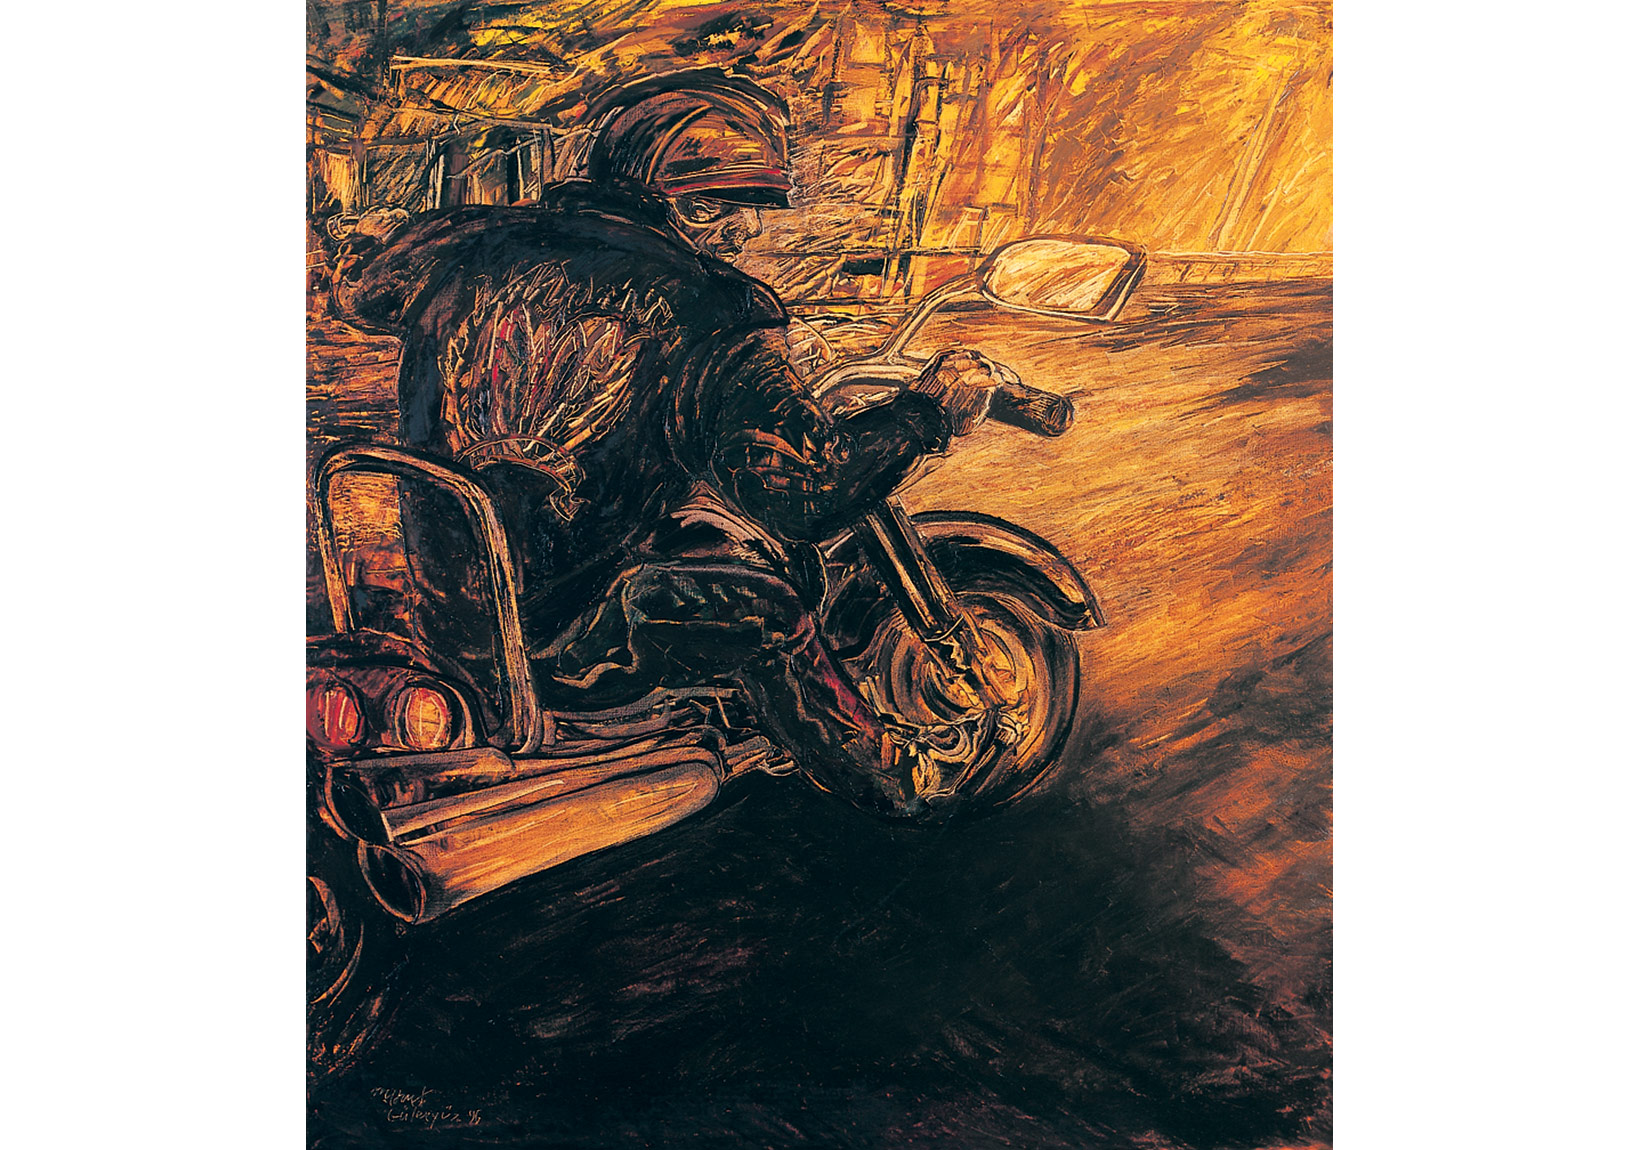 Motard III,1996,Tuval üzerine yağlıboya,Oil on canvas,200 x 180 cm,Dr. Nejat F. Eczacıbaşı Vakfı Koleksiyonu